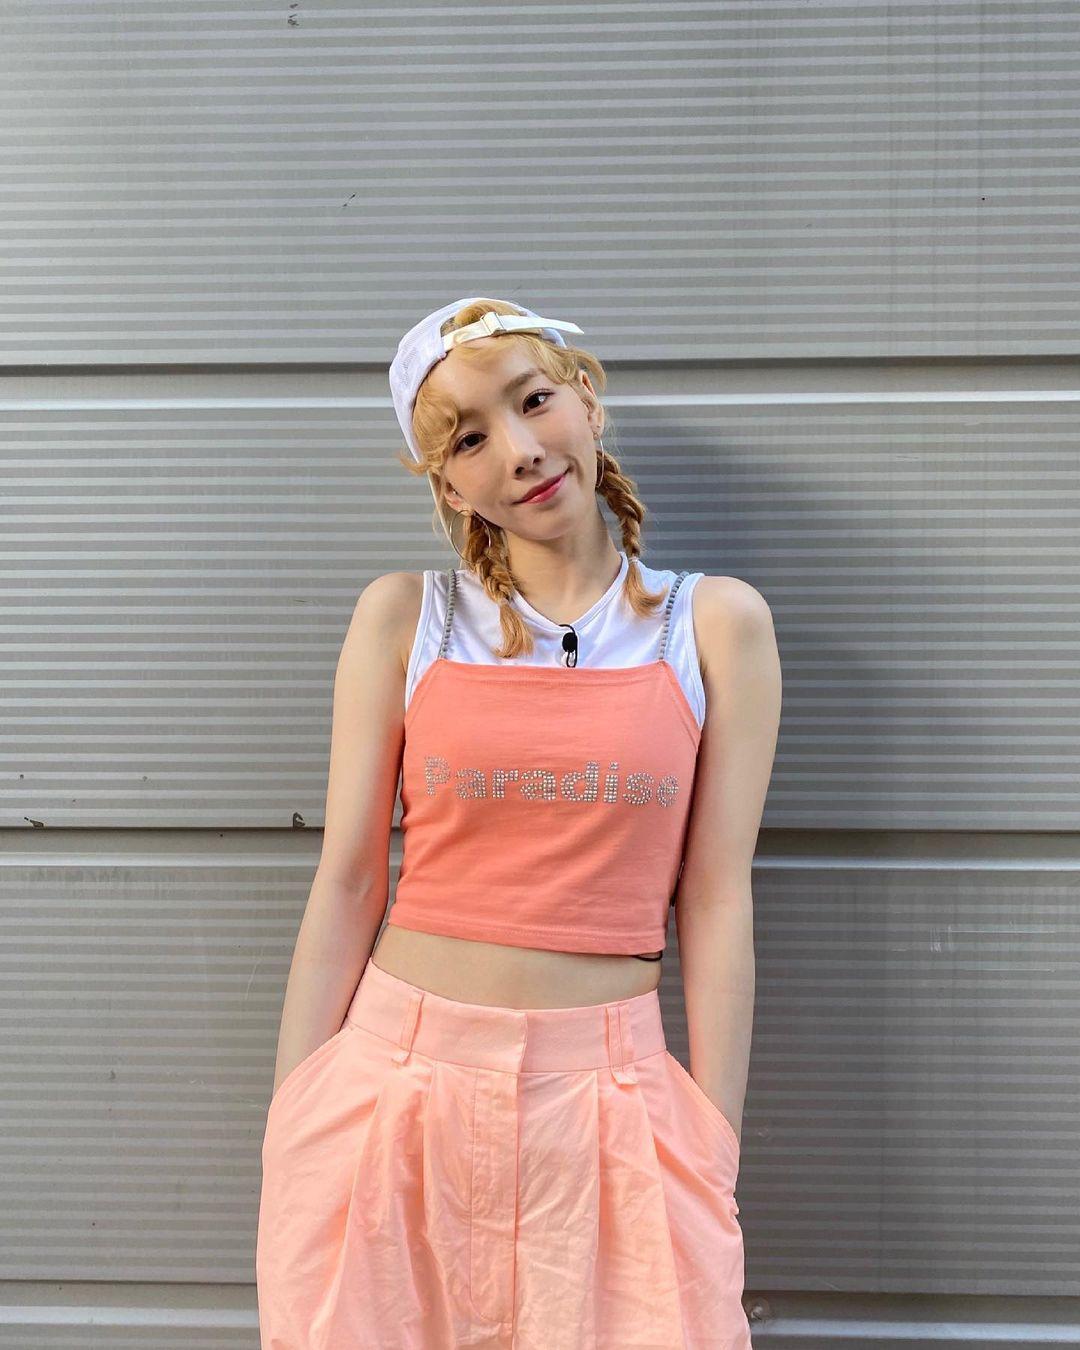 Kiểu tóc 'cưa sừng' được loạt mỹ nhân châu Á lăng xê: Song Hye Kyo và Angela Baby đều có cú nhảy vọt nhan sắc - Ảnh 5